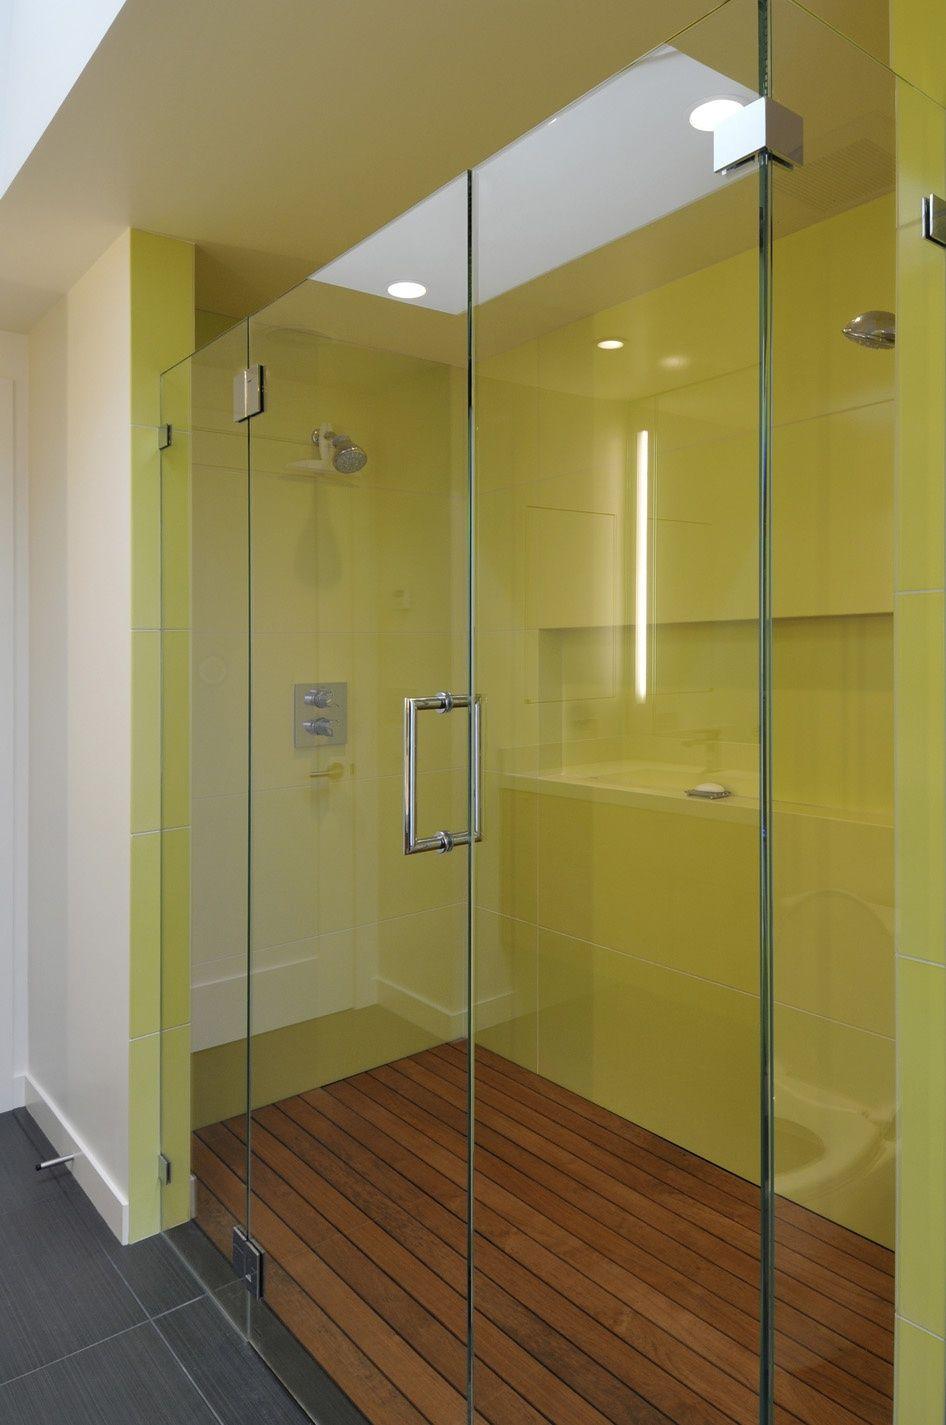 Стены душа сочного лимонного цвета отлично просматриваются сквозь стеклянную дверь